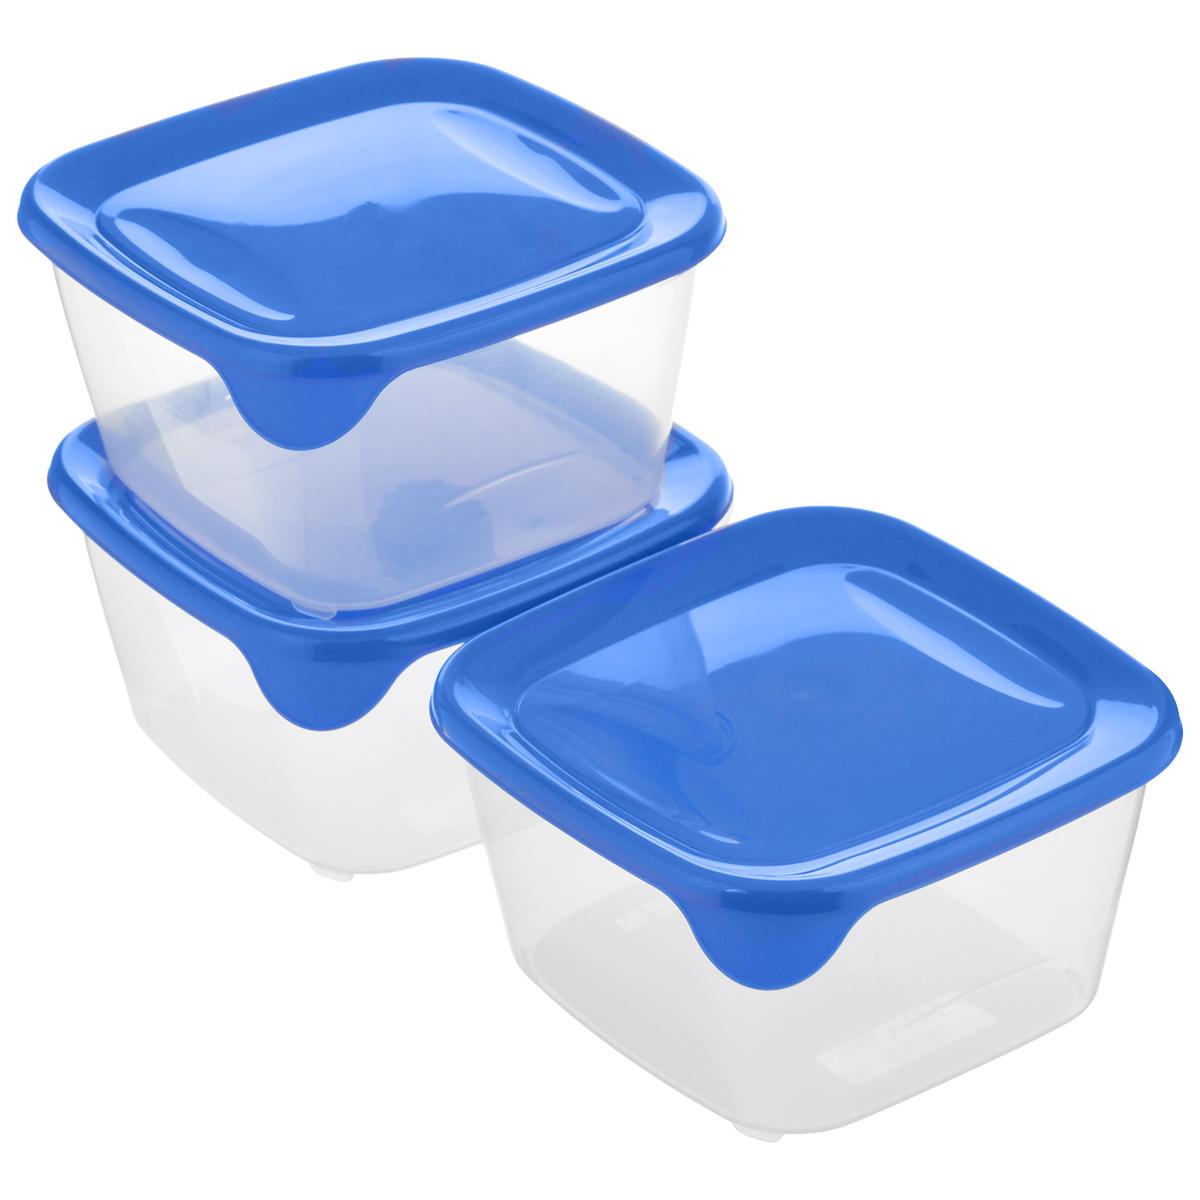 Набор контейнеров для СВЧ Curver Fresh & Go, цвет: синий, прозрачный, 1,2 л, 3 шт8560Набор Curver Fresh & Go состоит из 3 квадратных контейнеров с плотно закрывающимися цветными крышками. Предметы набора изготовлены из высококачественного пищевого пластика (BPA free), который выдерживает температуру от -40°С до +100°С. Стенки контейнеров прозрачные. Такой набор удобно брать с собой на работу, учебу, пикник или просто использовать для хранения пищи в холодильнике. Можно использовать в микроволновой печи и для заморозки в морозильной камере. Можно мыть в посудомоечной машине. Размер контейнера (без учета крышки): 15 х 15 х 8,2 см.